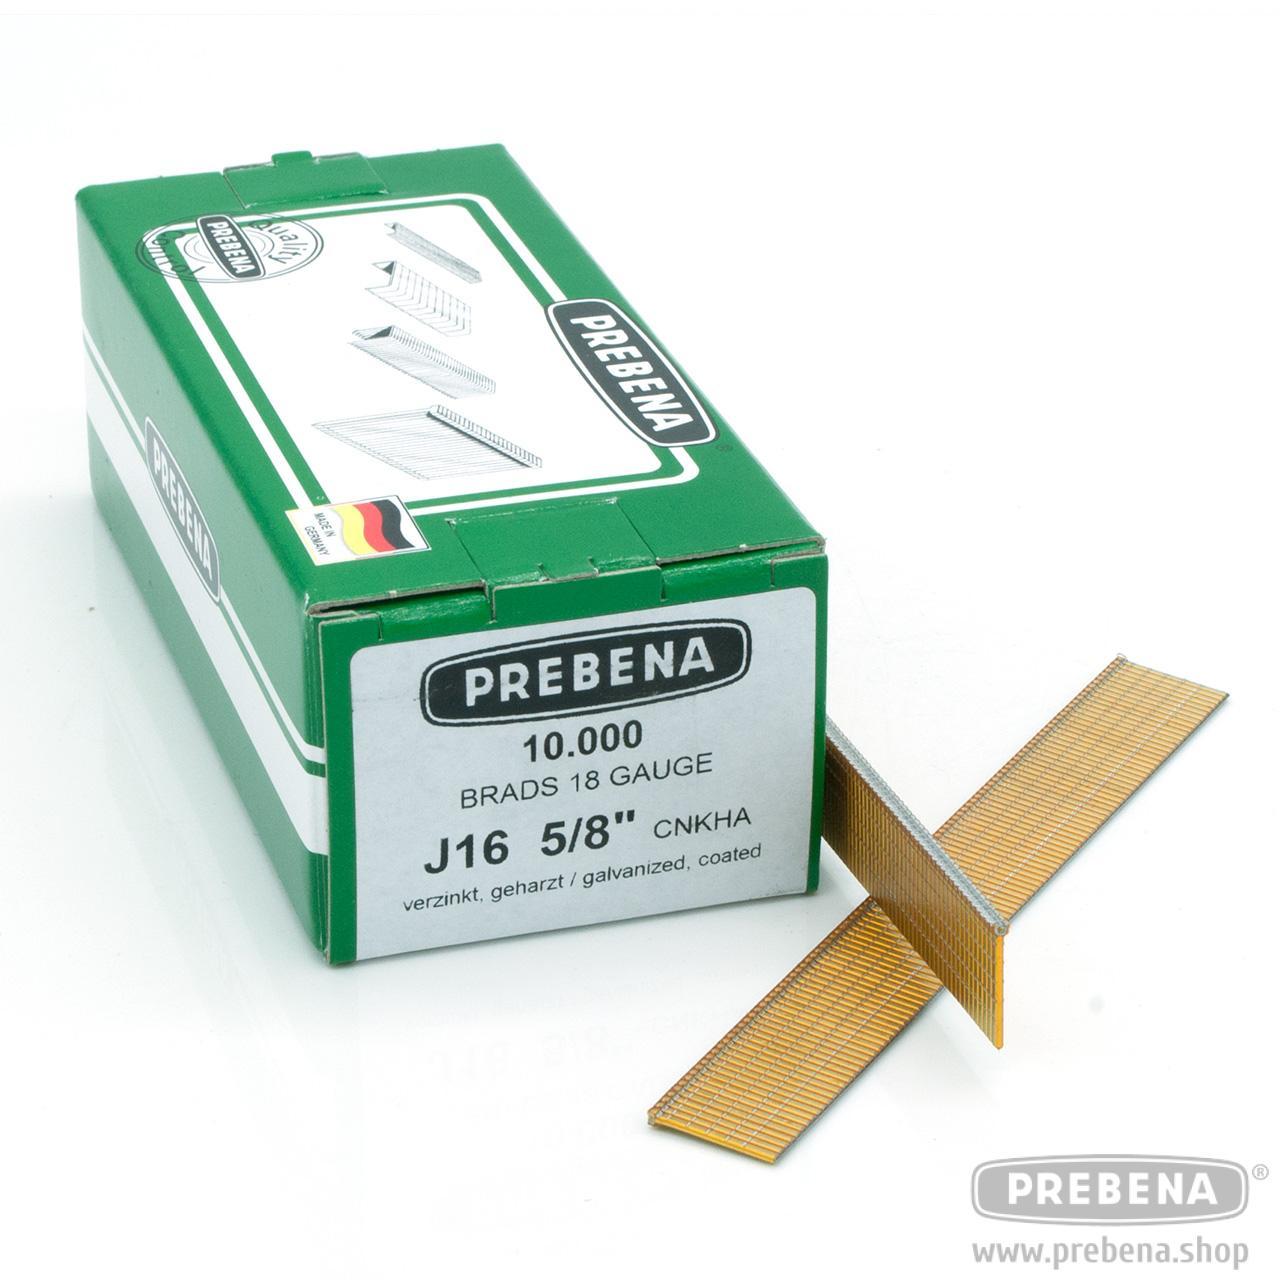 verzinkt Prebena Brads J-16CnkHa 10.000 Stück geharzt